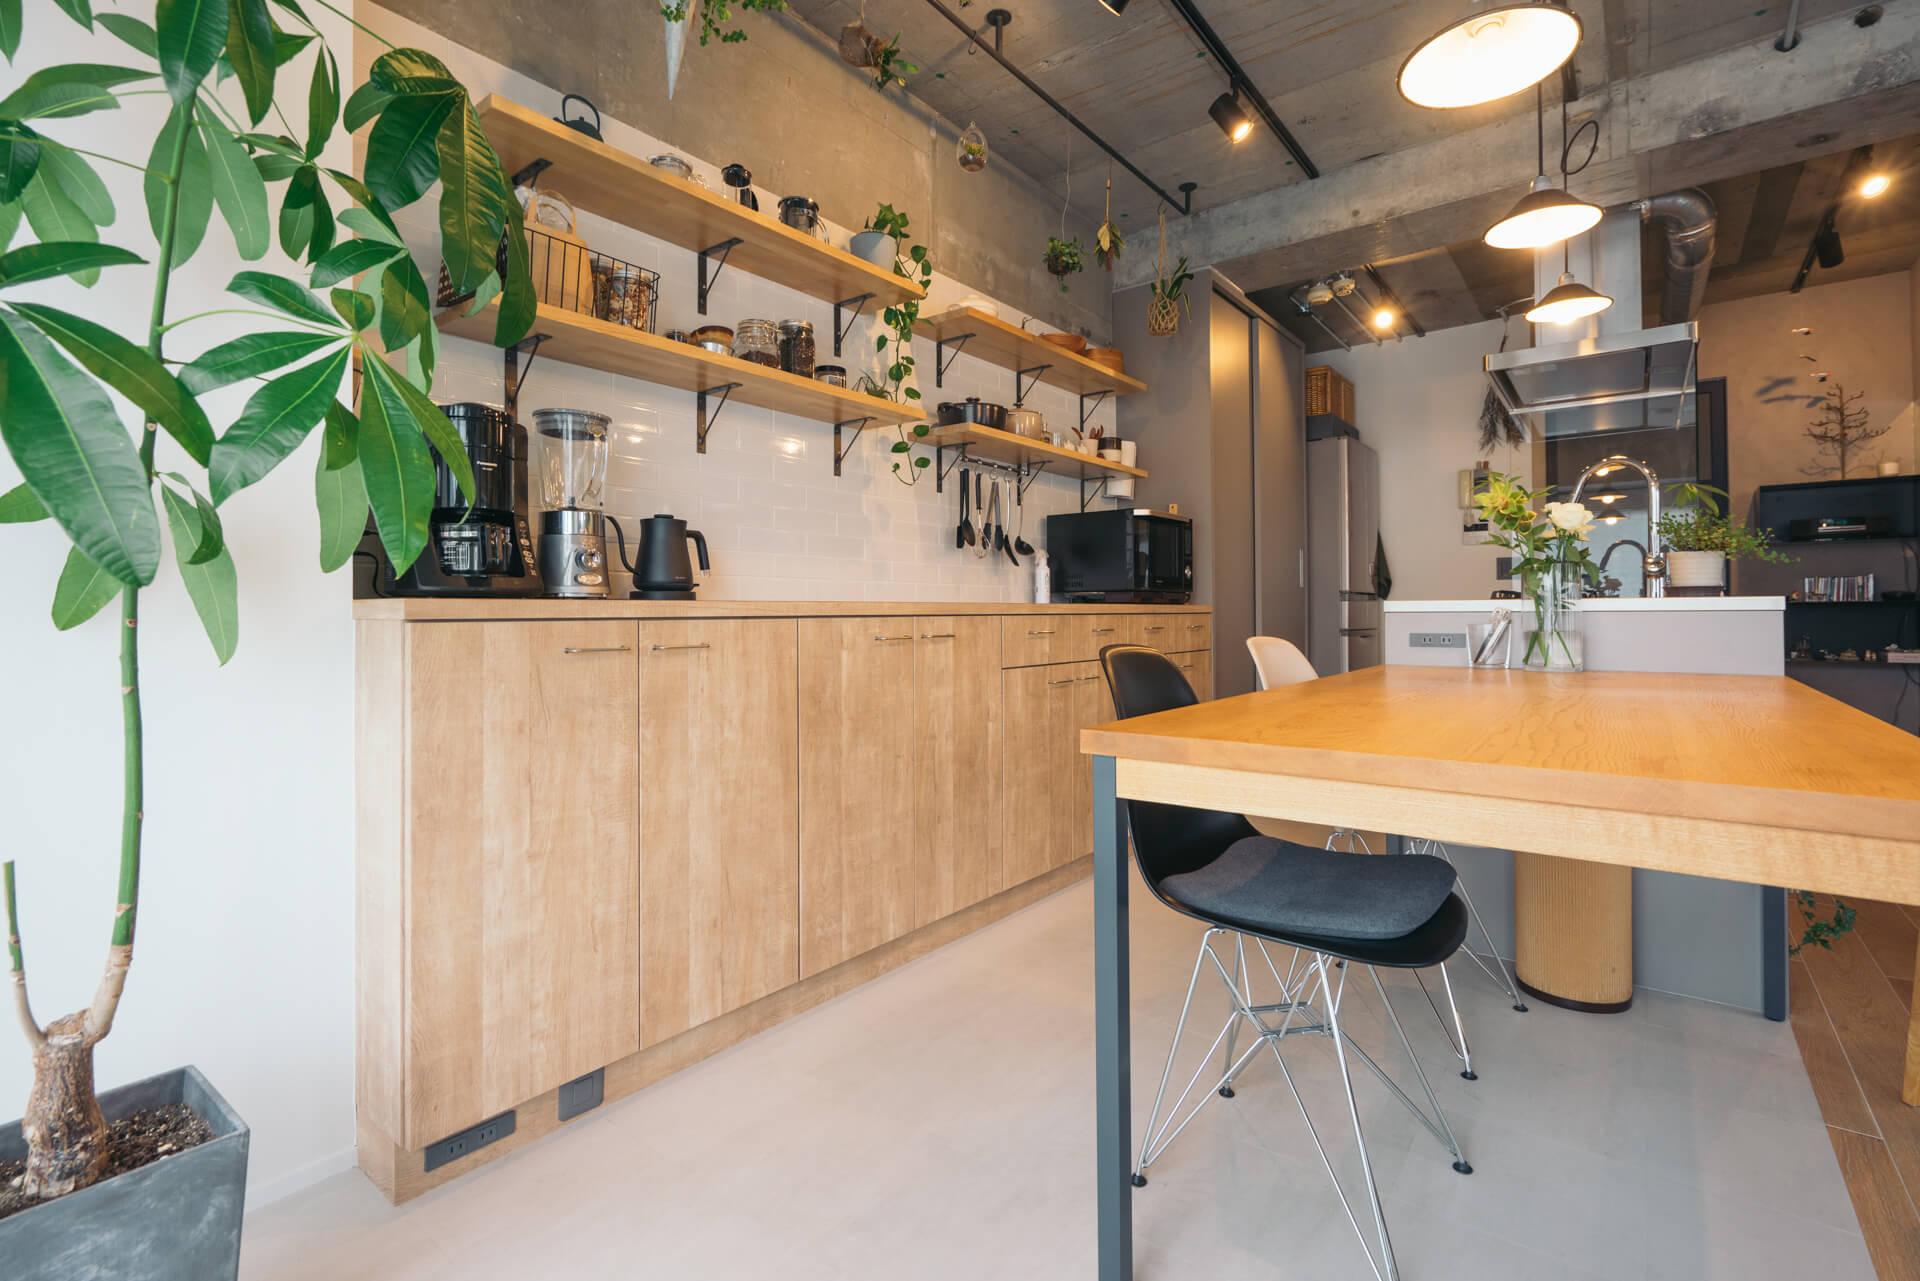 背の高いおふたりに合わせたダイニングテーブルは、設計士さんの知り合いの家具職人さんに作ってもらったもの。背面の収納もサイズぴったりに作られています。